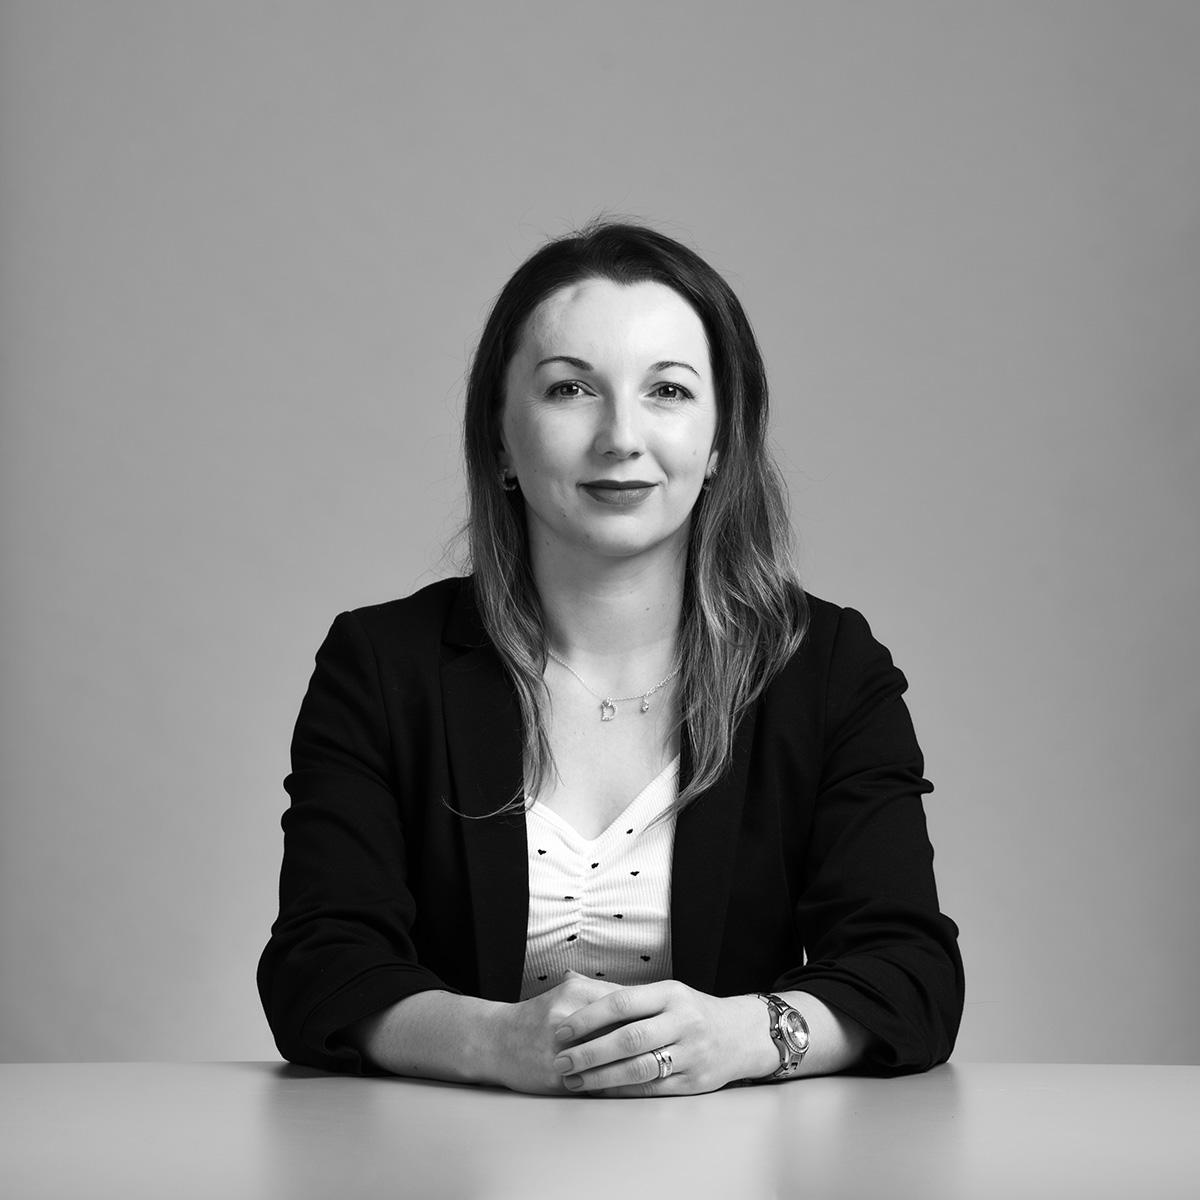 Daniela Volkan